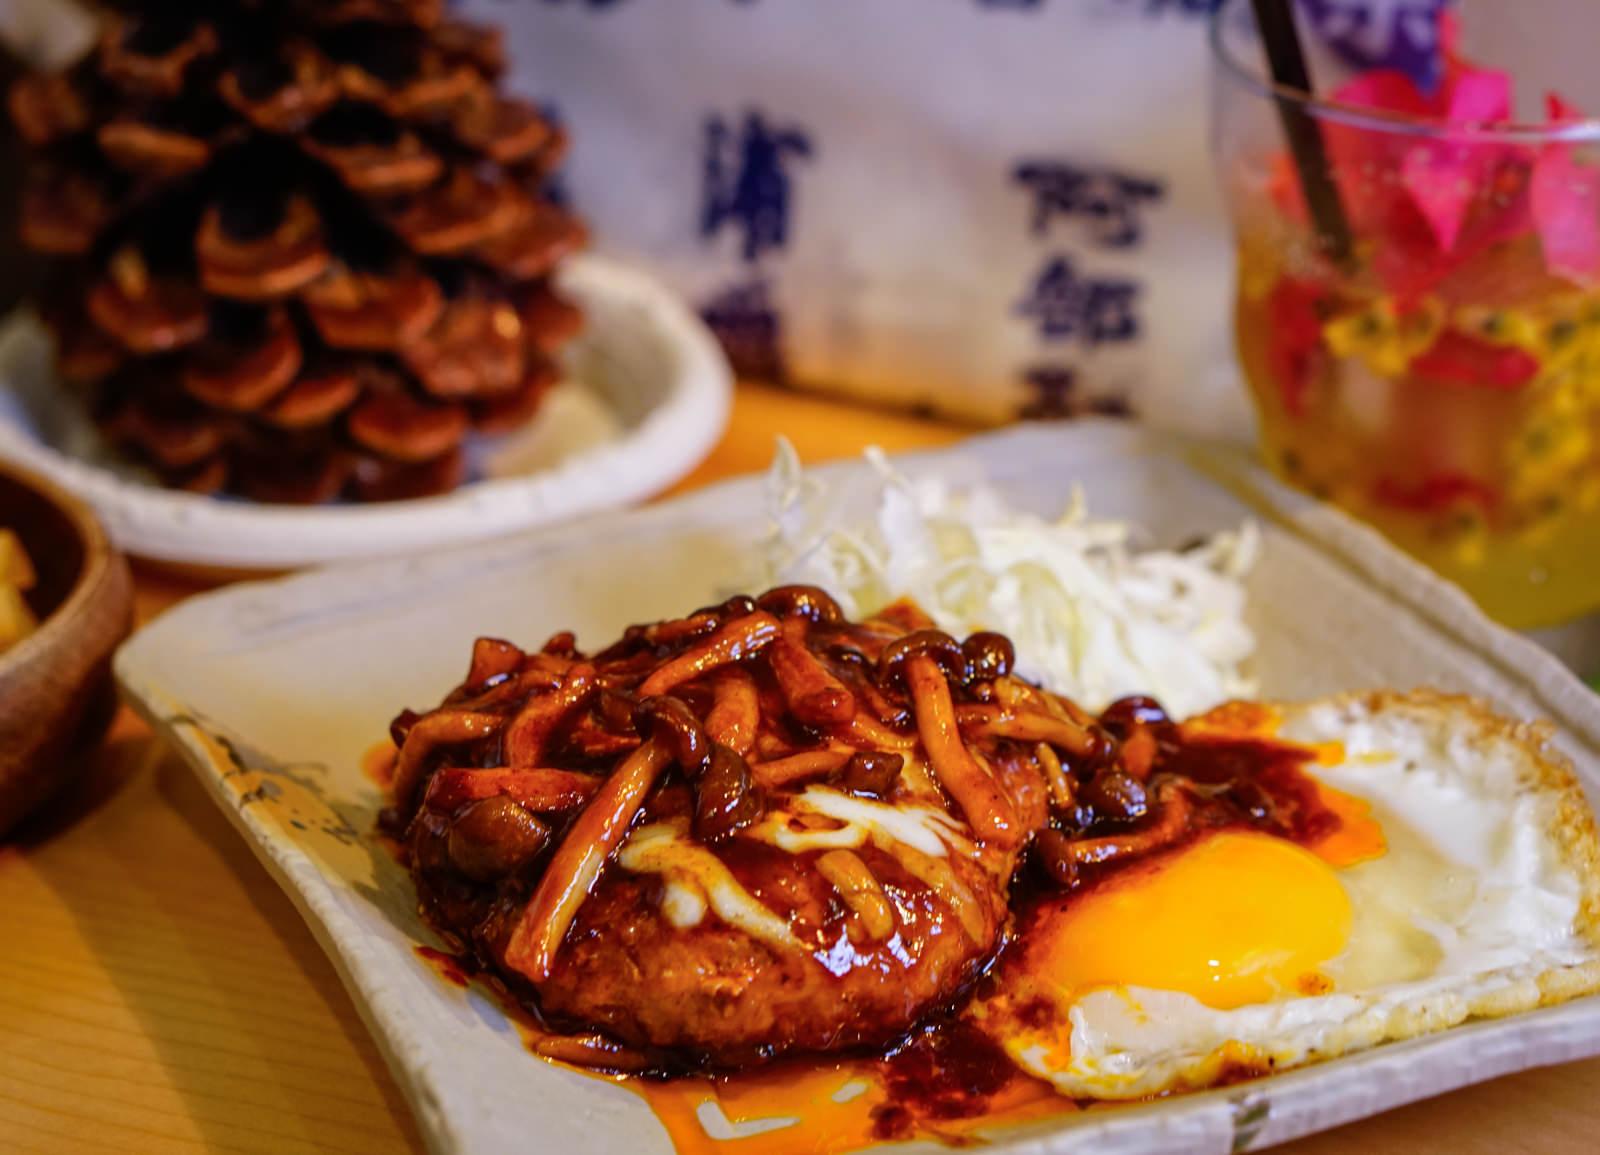 [高雄]ヒゲMasa-道地和風漢堡排x日式燒酎專賣 小夫妻的巧手日本味 高雄居酒屋推薦 @美食好芃友